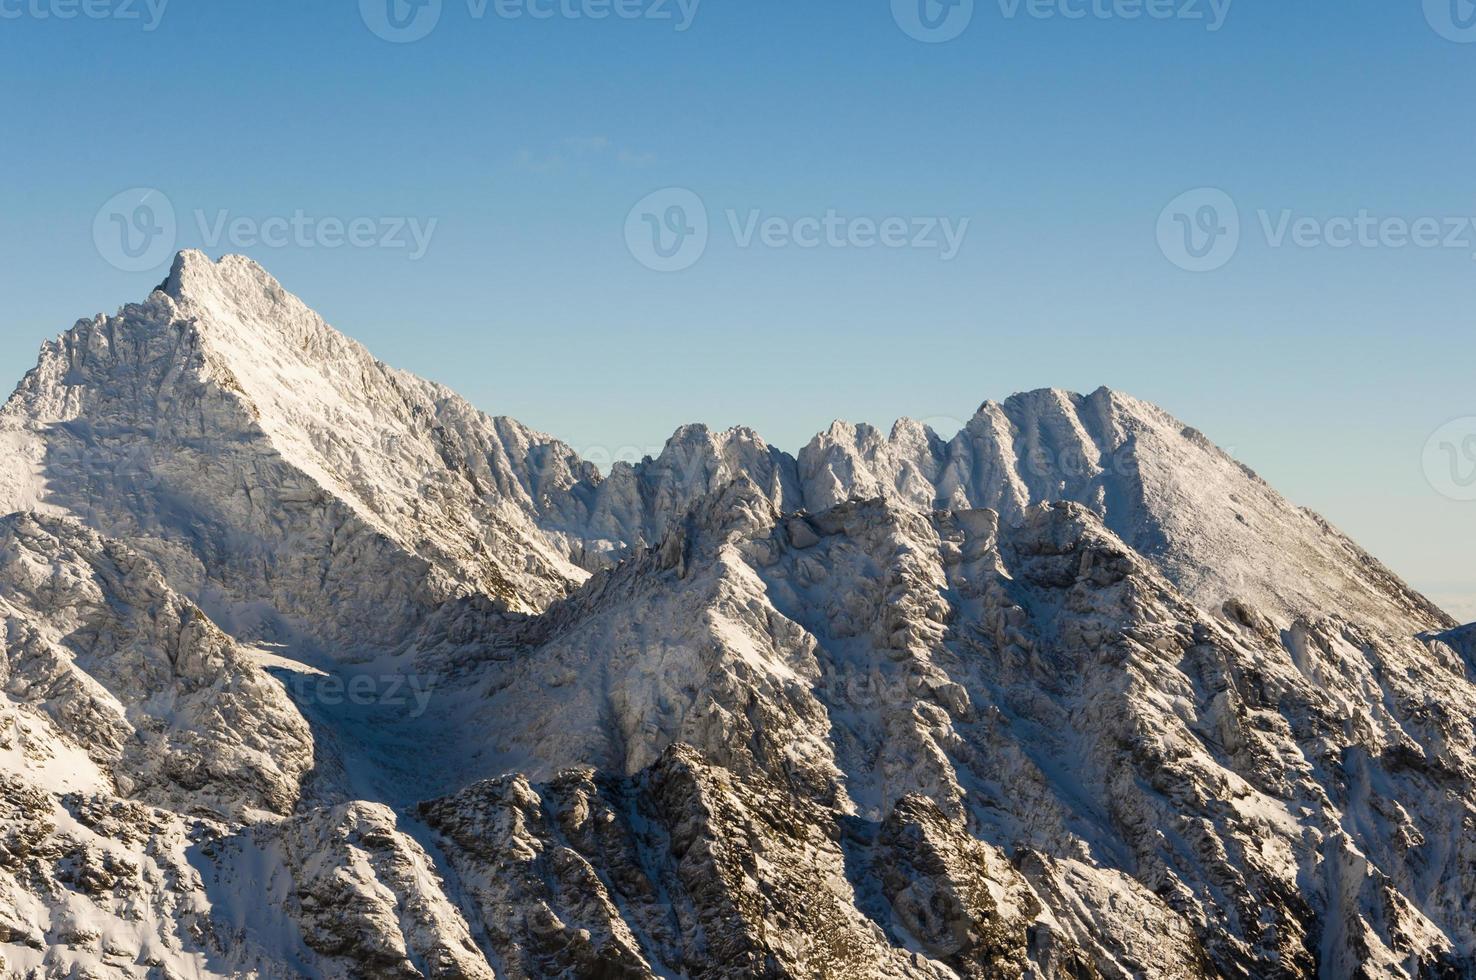 vita toppar på åsen i bergen högt foto